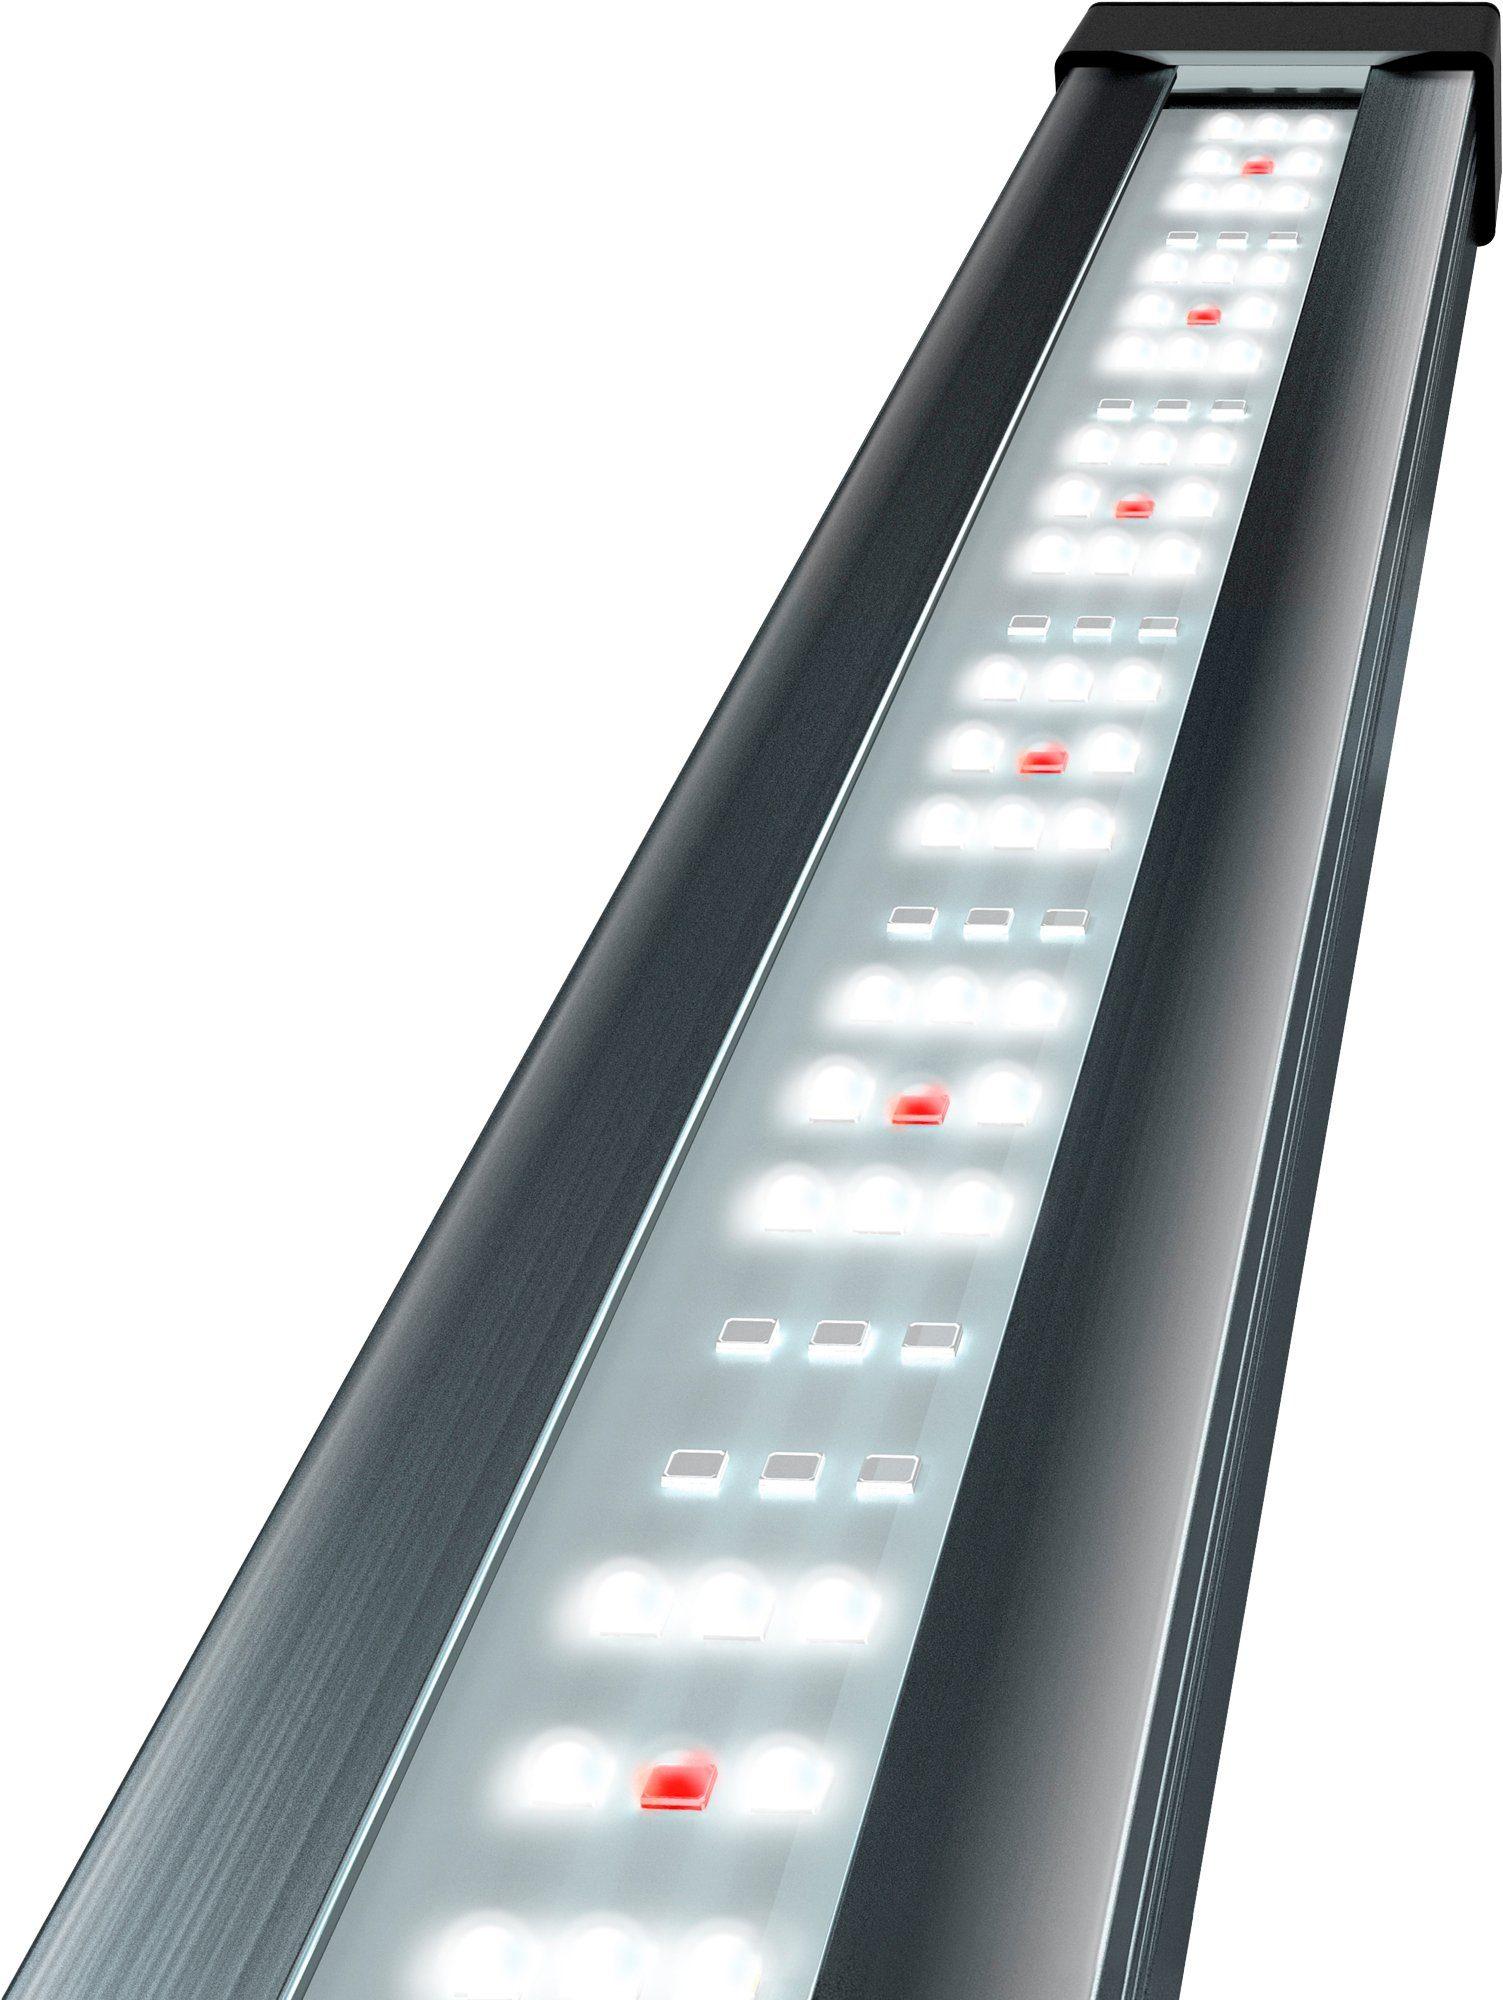 TETRA Aquarium LED-Beleuchtung »Tetronic LED ProLine 580«, für Aquarien von 58-82 cm